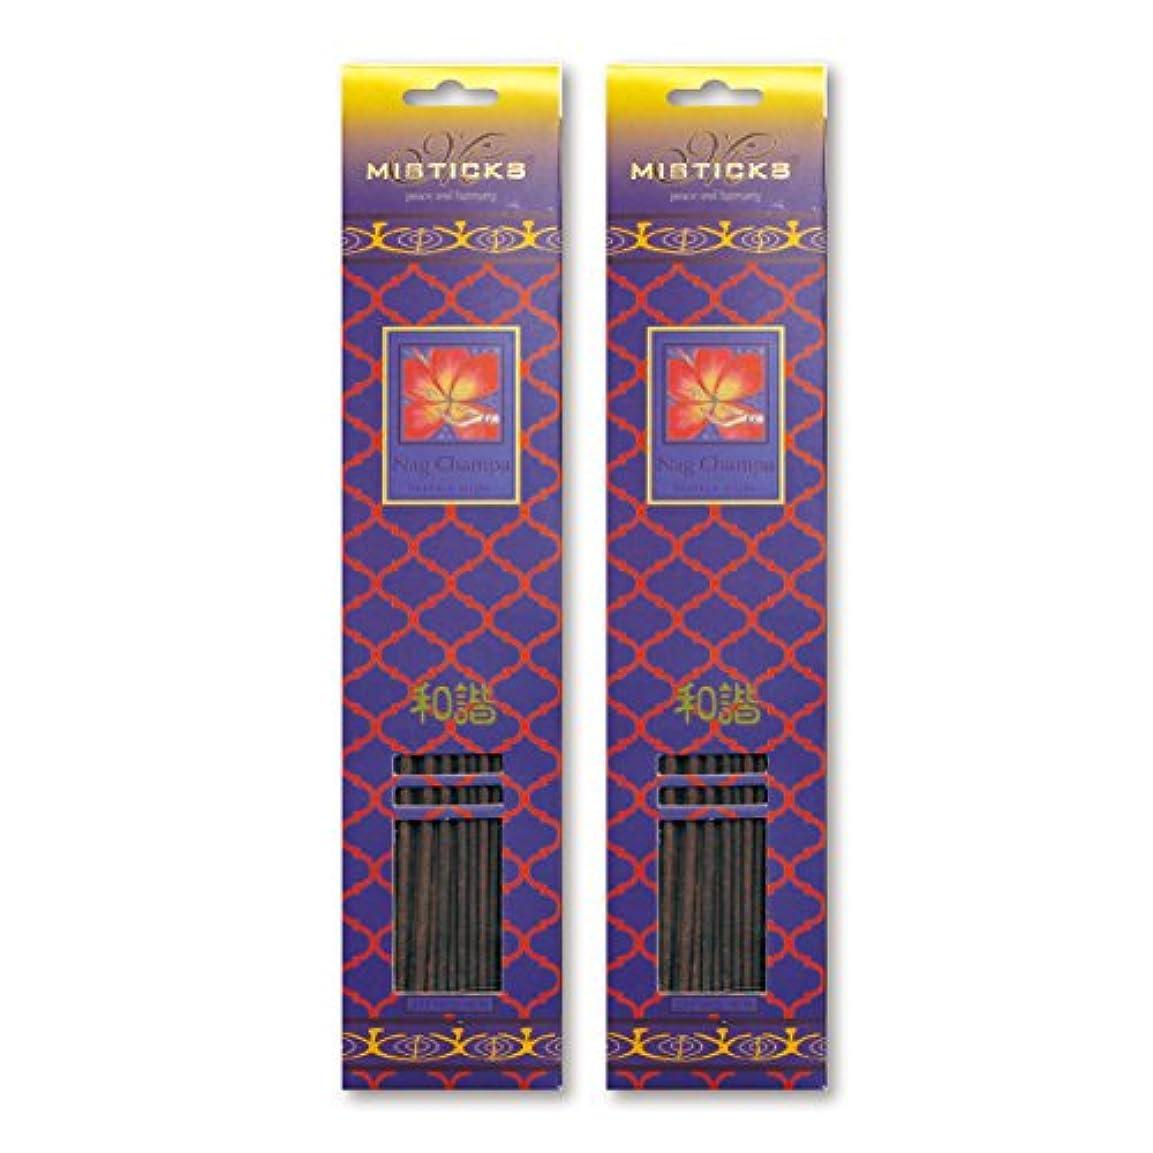 ロシア政治家染料Misticks ミスティックス Nag Champa ナグチャンパ お香 20本 X 2パック (40本)